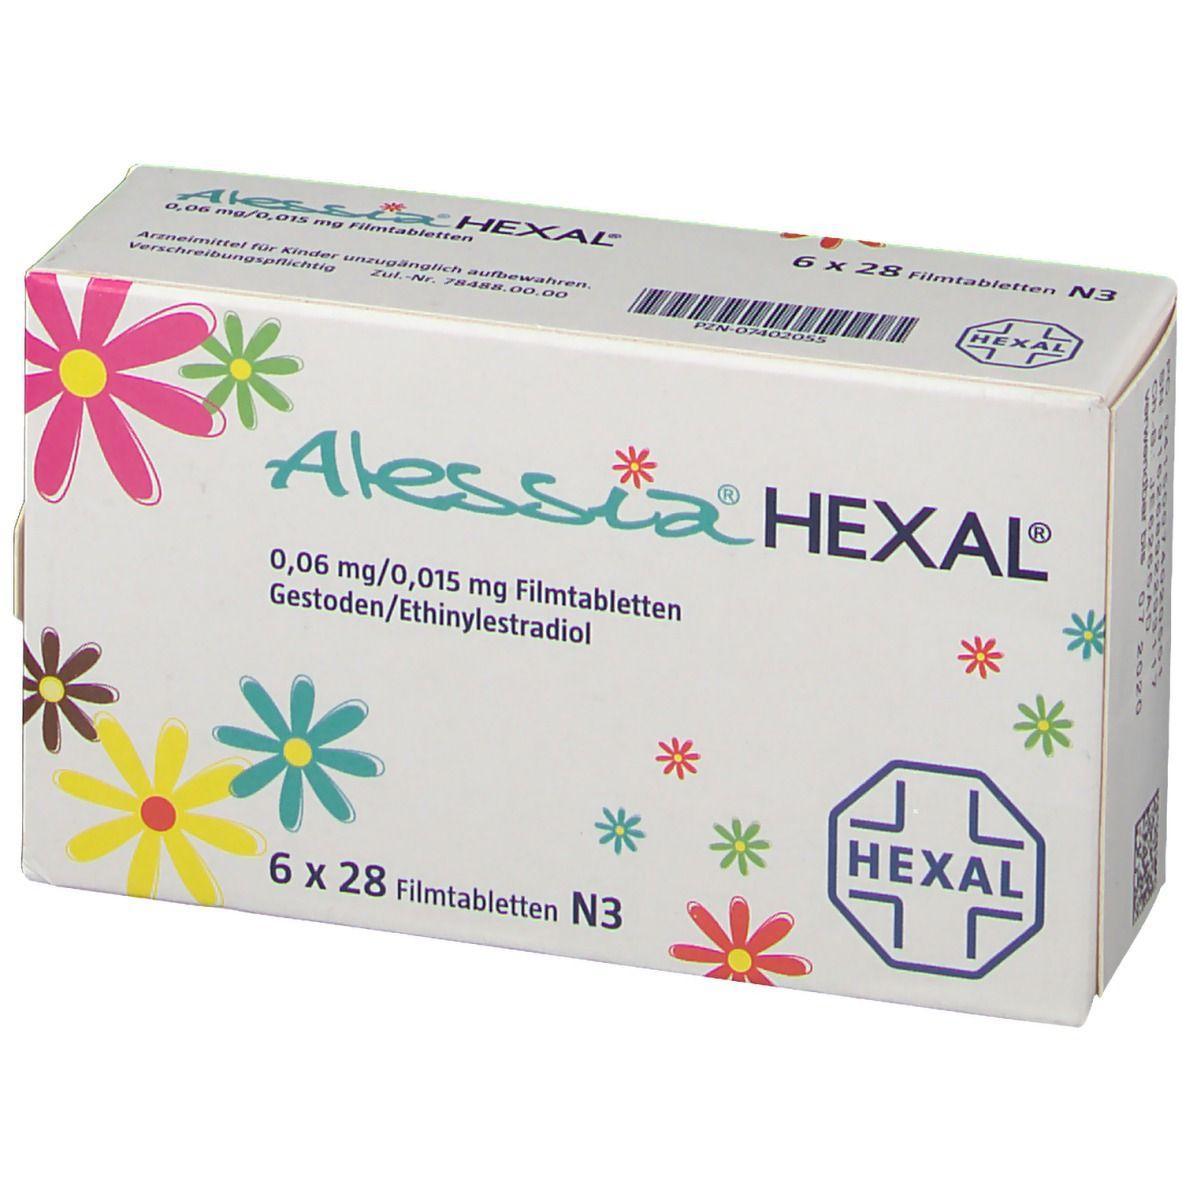 ALESSIA HEXAL 0,06 mg/0,015 mg Filmtabletten 6X28 St